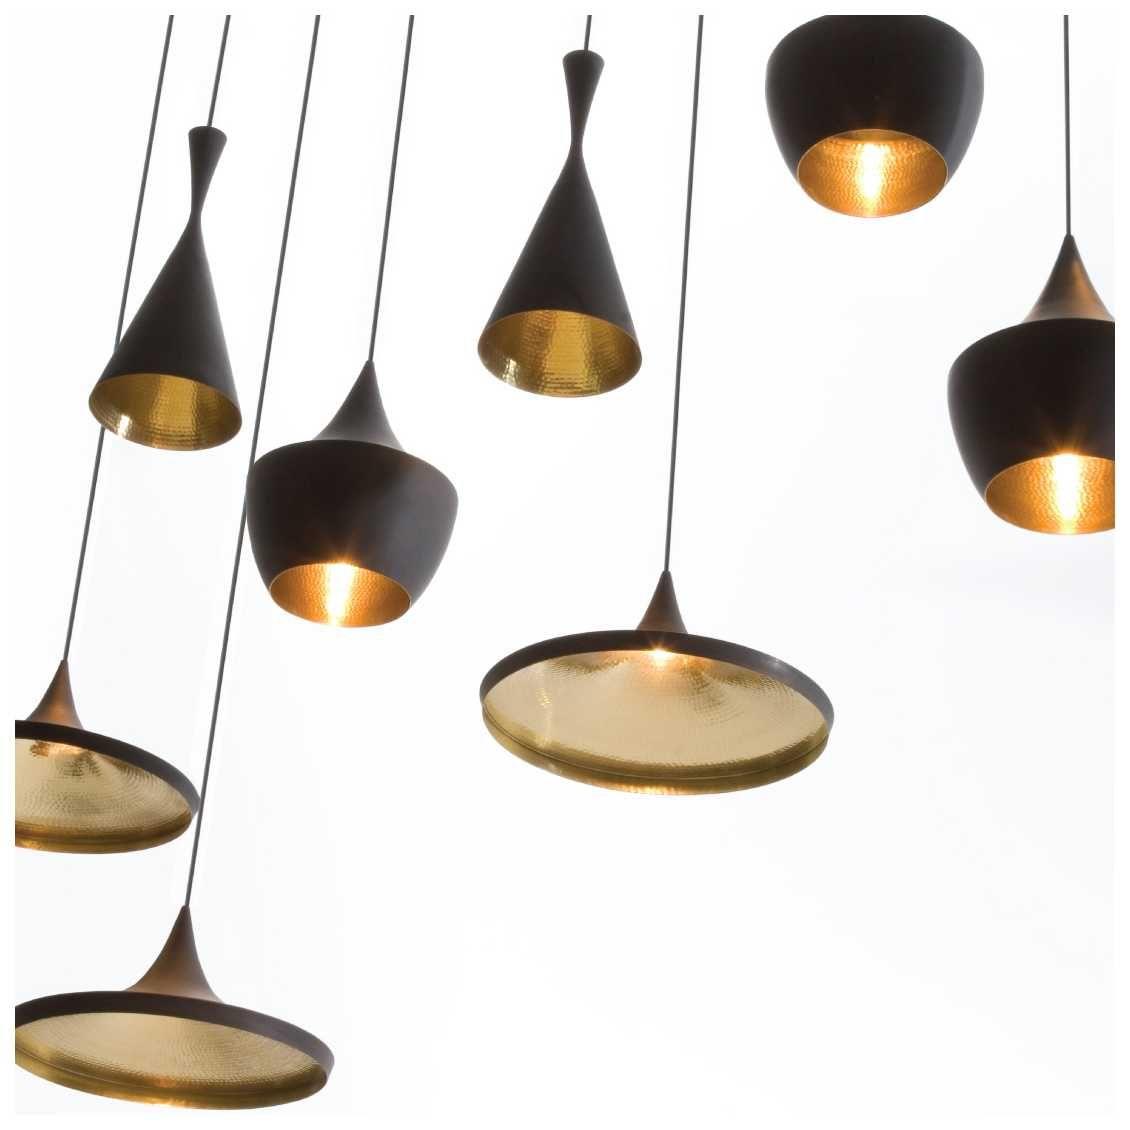 Lieblich Een Van De Bekende Lampen Series Van #TomDixon Is De #Beat Collectie.  Geïnspireerd Op Traditionele Indiase Watervaten En Bronzen Potten En Pannen.